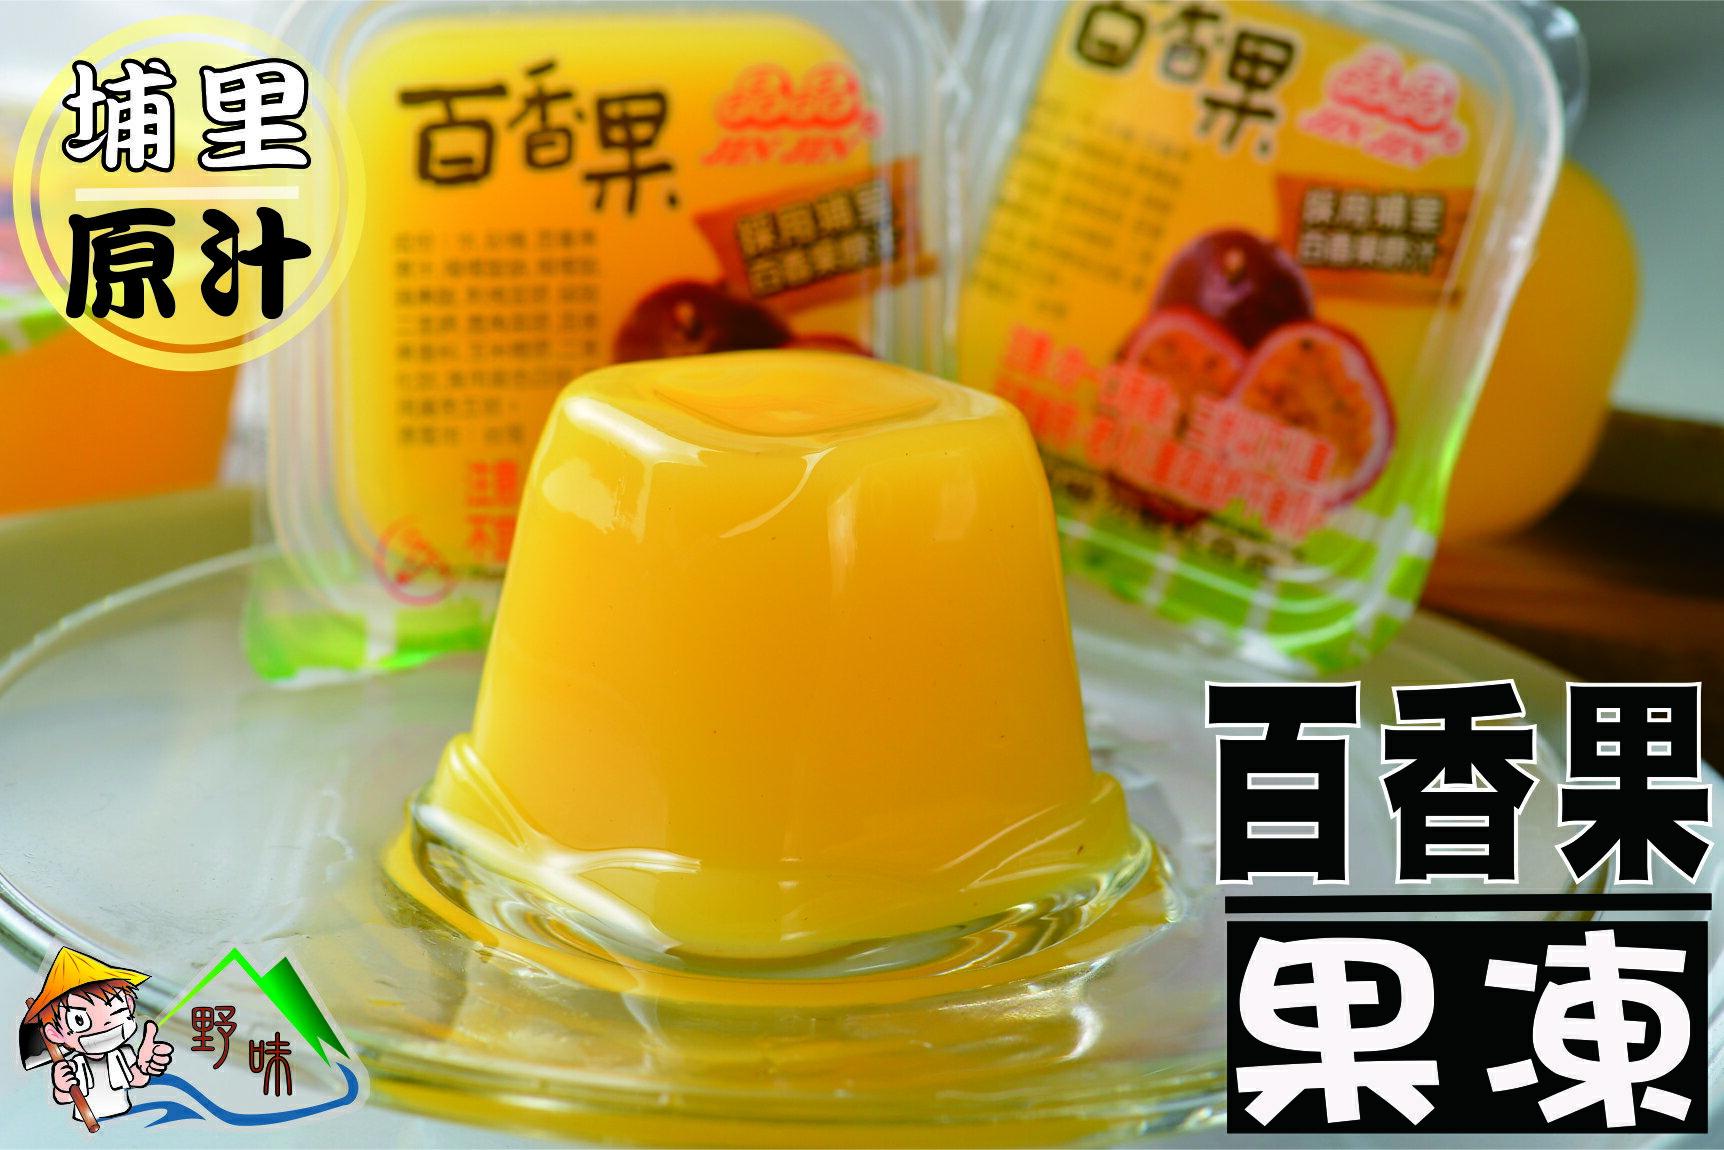 【野味食品】晶晶百香果椰果(果凍 蒟蒻)(埔里百香果原汁)(240g/包,6顆,515g/包,13顆)